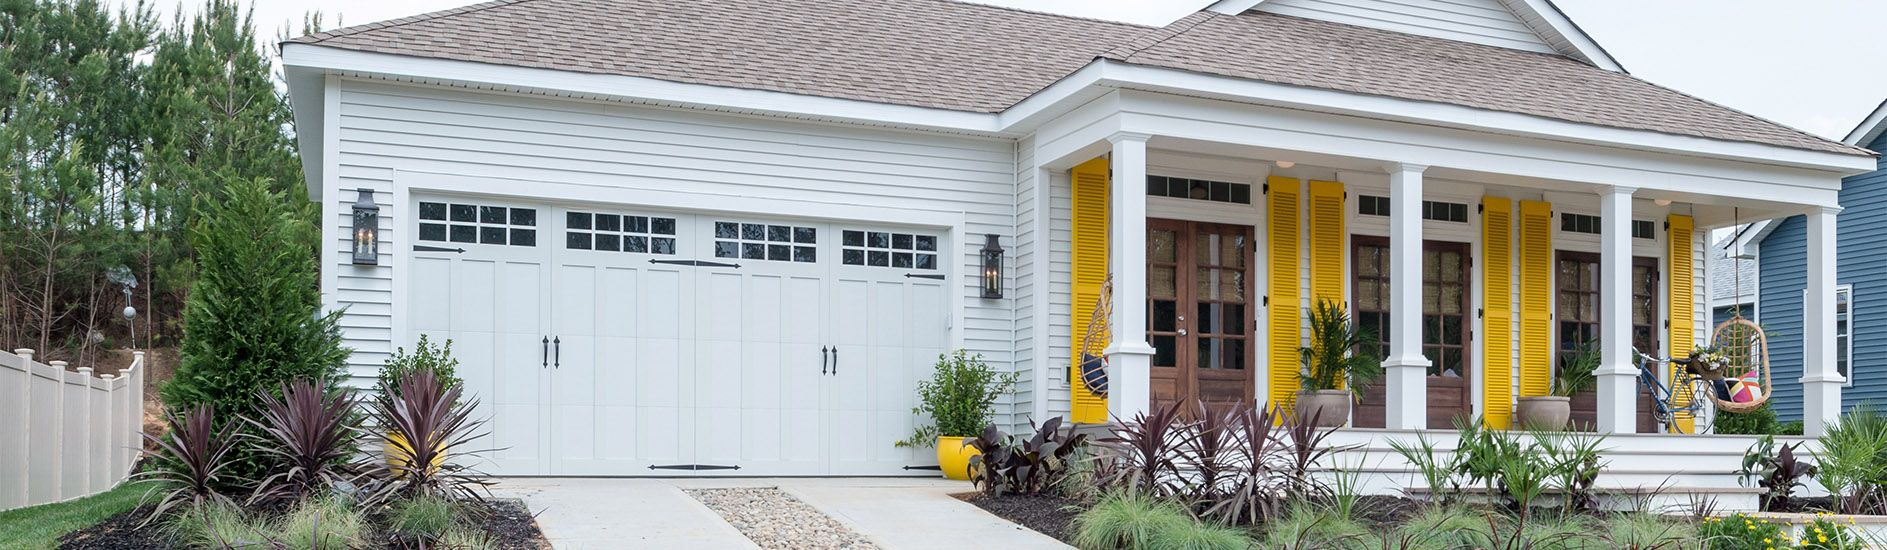 Pin by DIY Garage Door Parts on Garage Doors Garage